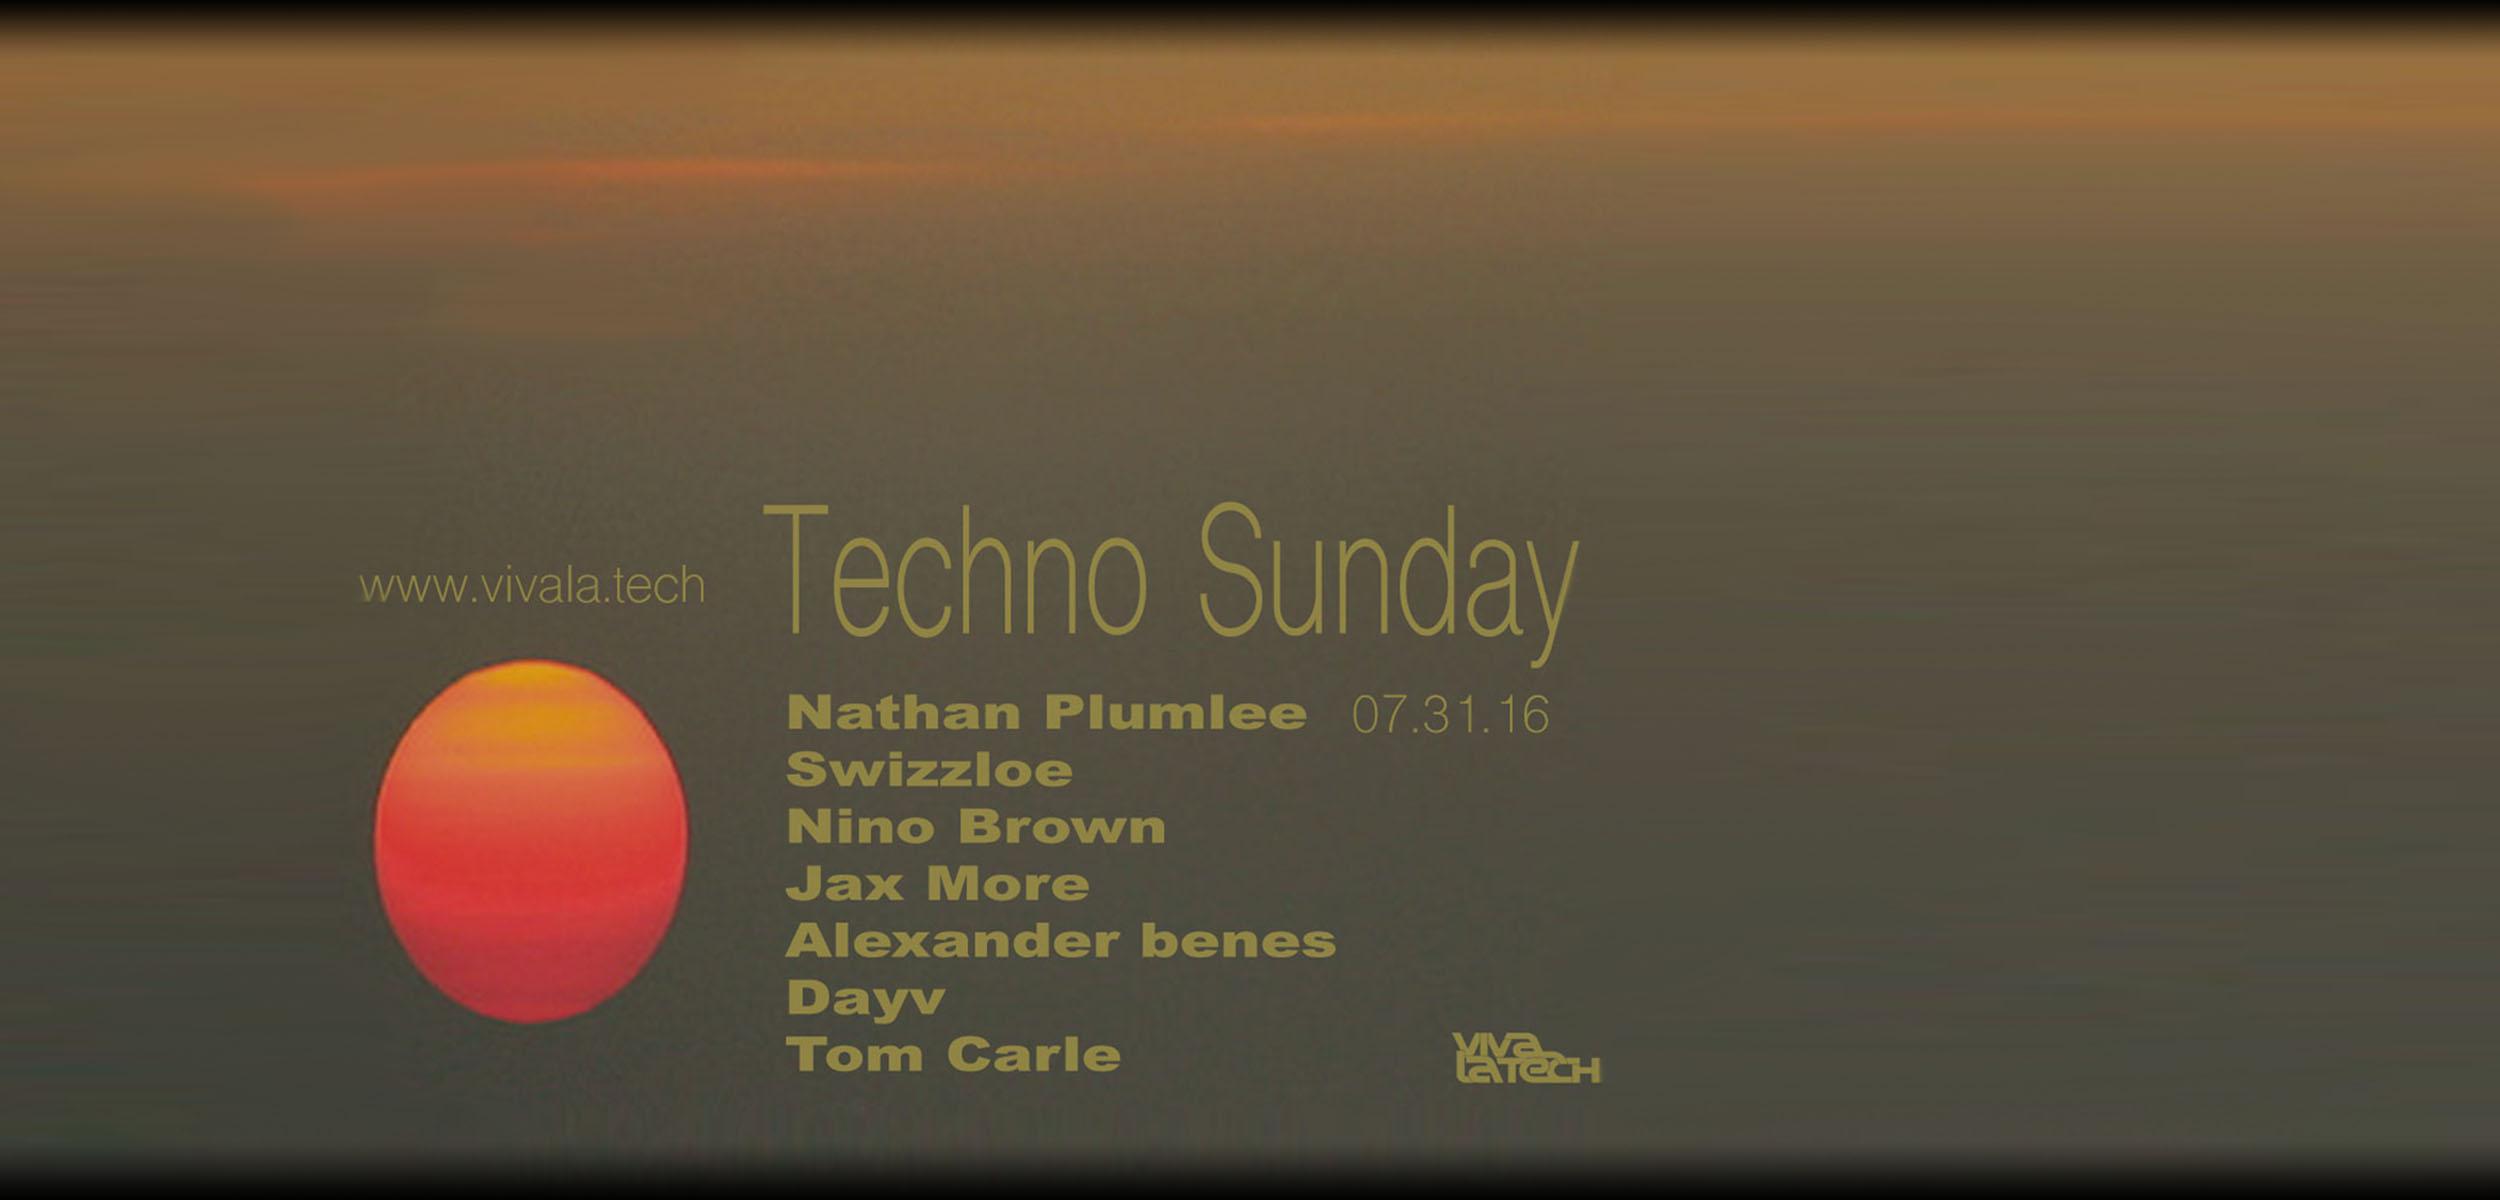 techno sunday vlt banner.jpg